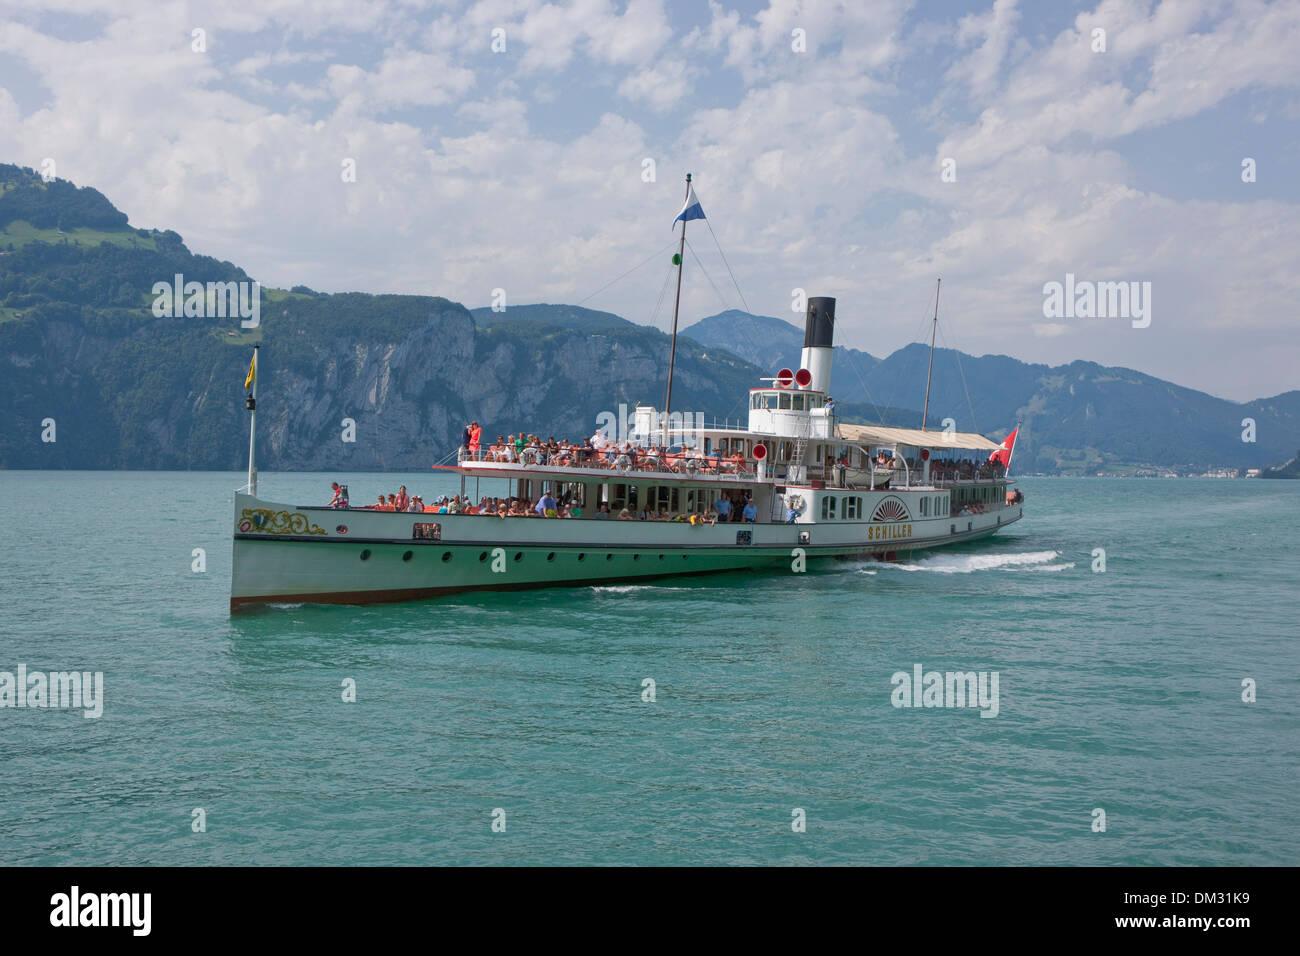 La Svizzera, Europa, il lago di Lucerna, Svizzera centrale, Canton, UR, Uri, steamboat, Immagini Stock